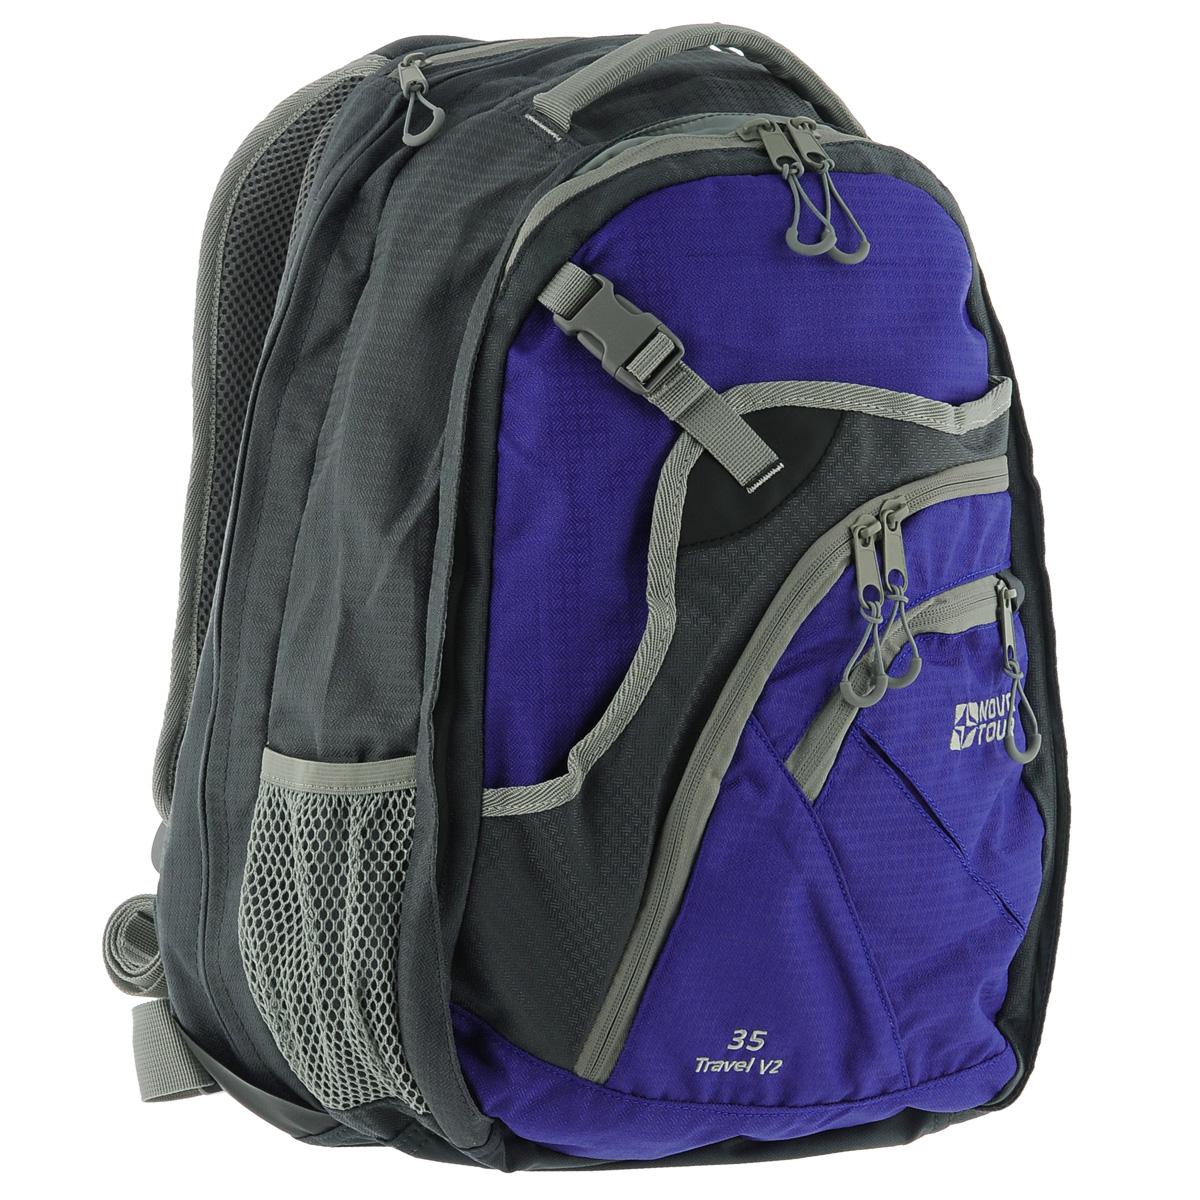 Рюкзак Nova Tour Трэвел 35 V2, цвет: серый, синий, 35 л95411-468-00Вместительный рюкзак-чемодан Nova Tour Трэвел 35 V2 позволит разместить в себе все необходимое благодаря множеству отделений и карманов. Выполнен из прочного полиэстера. Имеет 1 вместительное отделение на застежке-молнии с двумя бегунками, внутри которого расположен сетчатый карман и карман на застежке-молнии. На передней части расположен карман на пластиковой защелке и 2 кармана на застежке-молнии. Внутри одного из карманов имеется карабин для ключей. По бокам имеется 2 сетчатых кармана. Сверху расположен мягкий карман для очков.Объем может быть увеличен на 10 л за счет молнии.